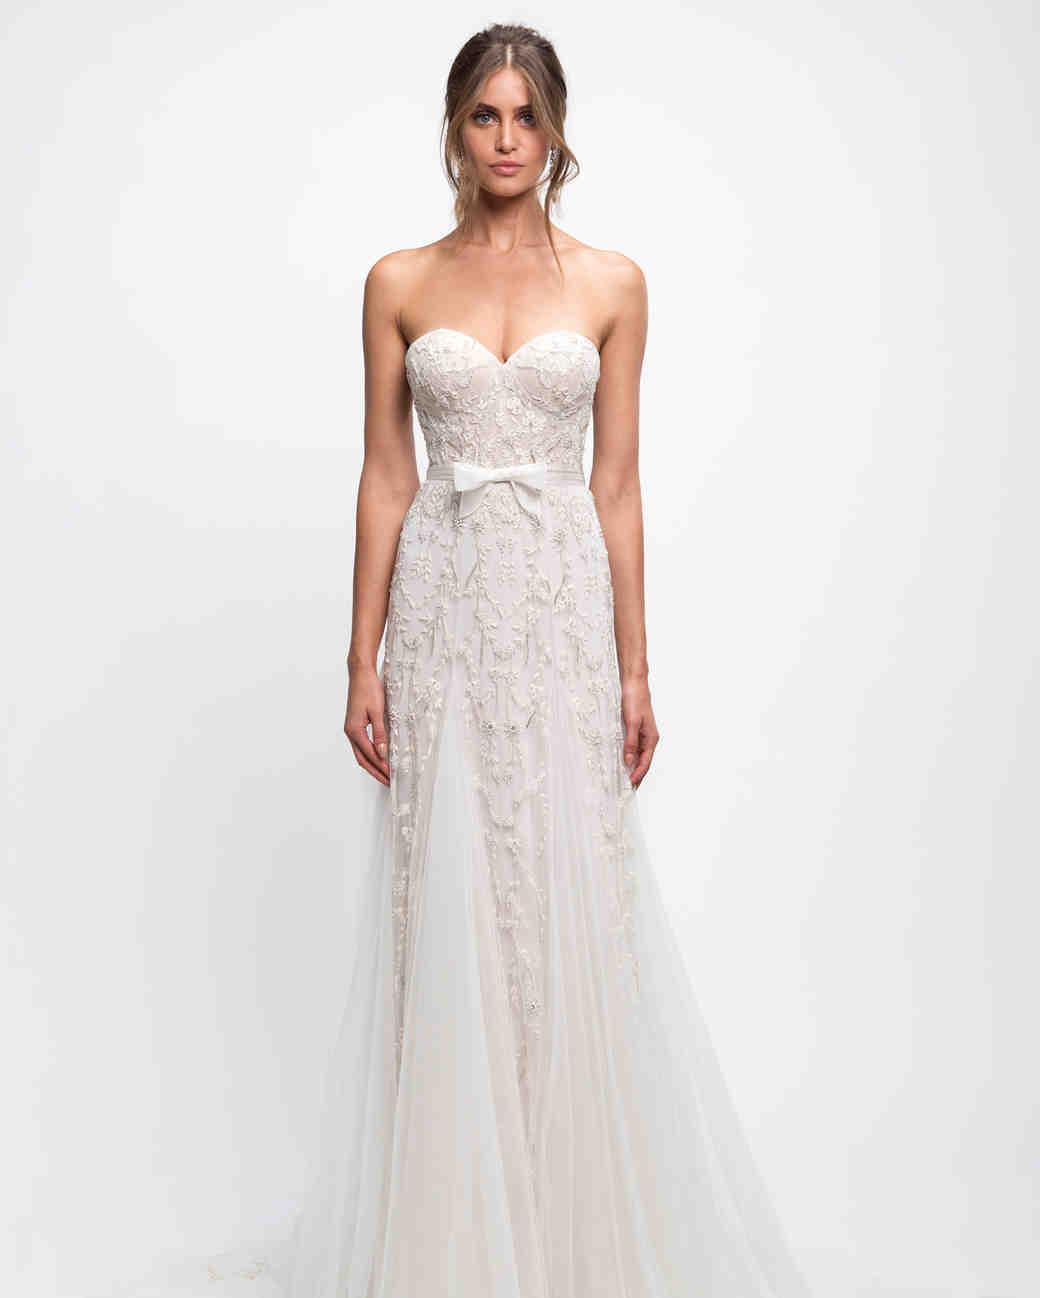 58 Wedding Dresses with Bows | Martha Stewart Weddings